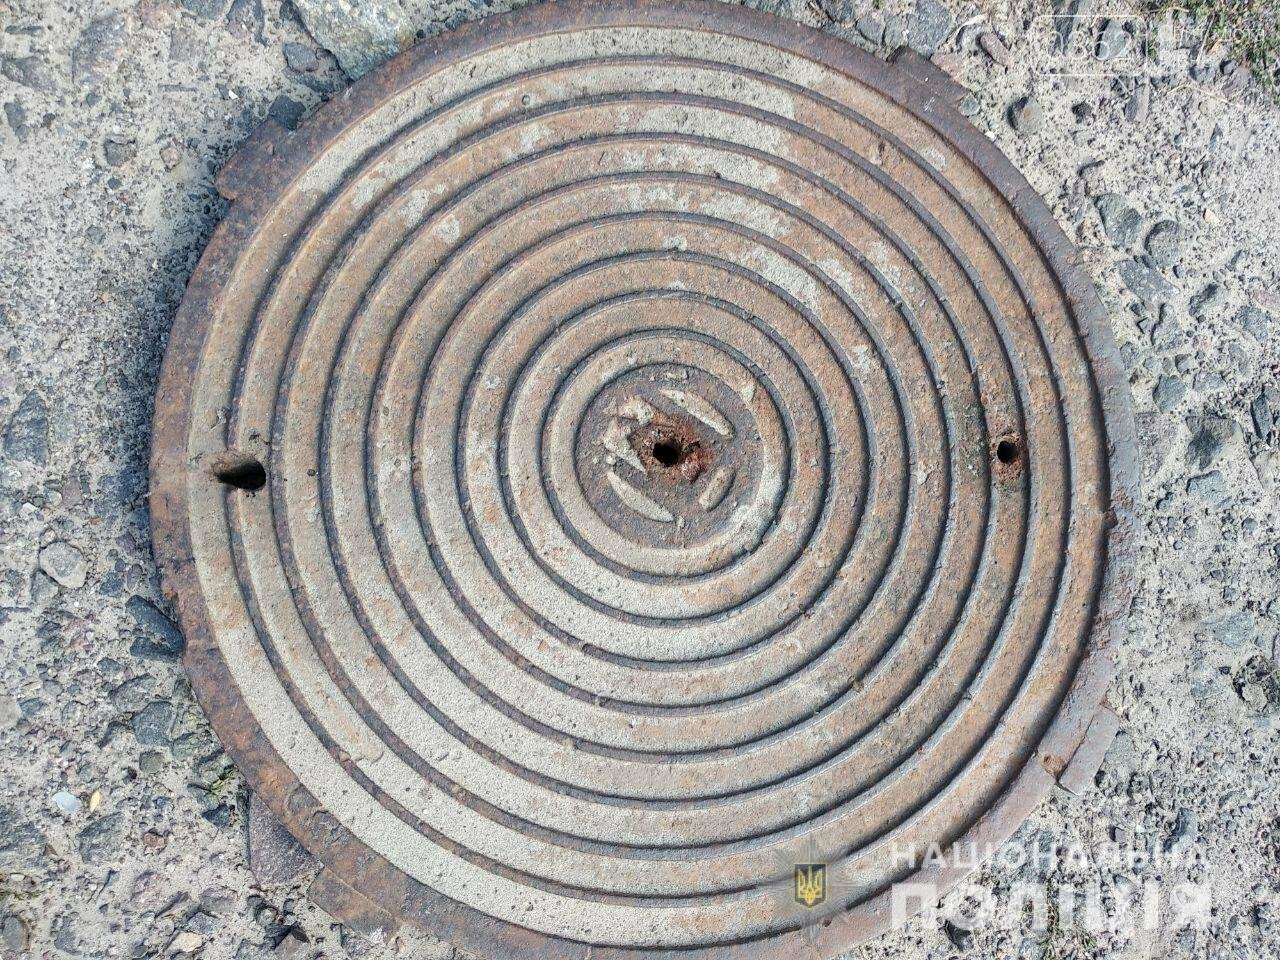 Кинули у каналізацію петарду та отримали опіки: на Рівненщині постраждали підлітки , фото-1